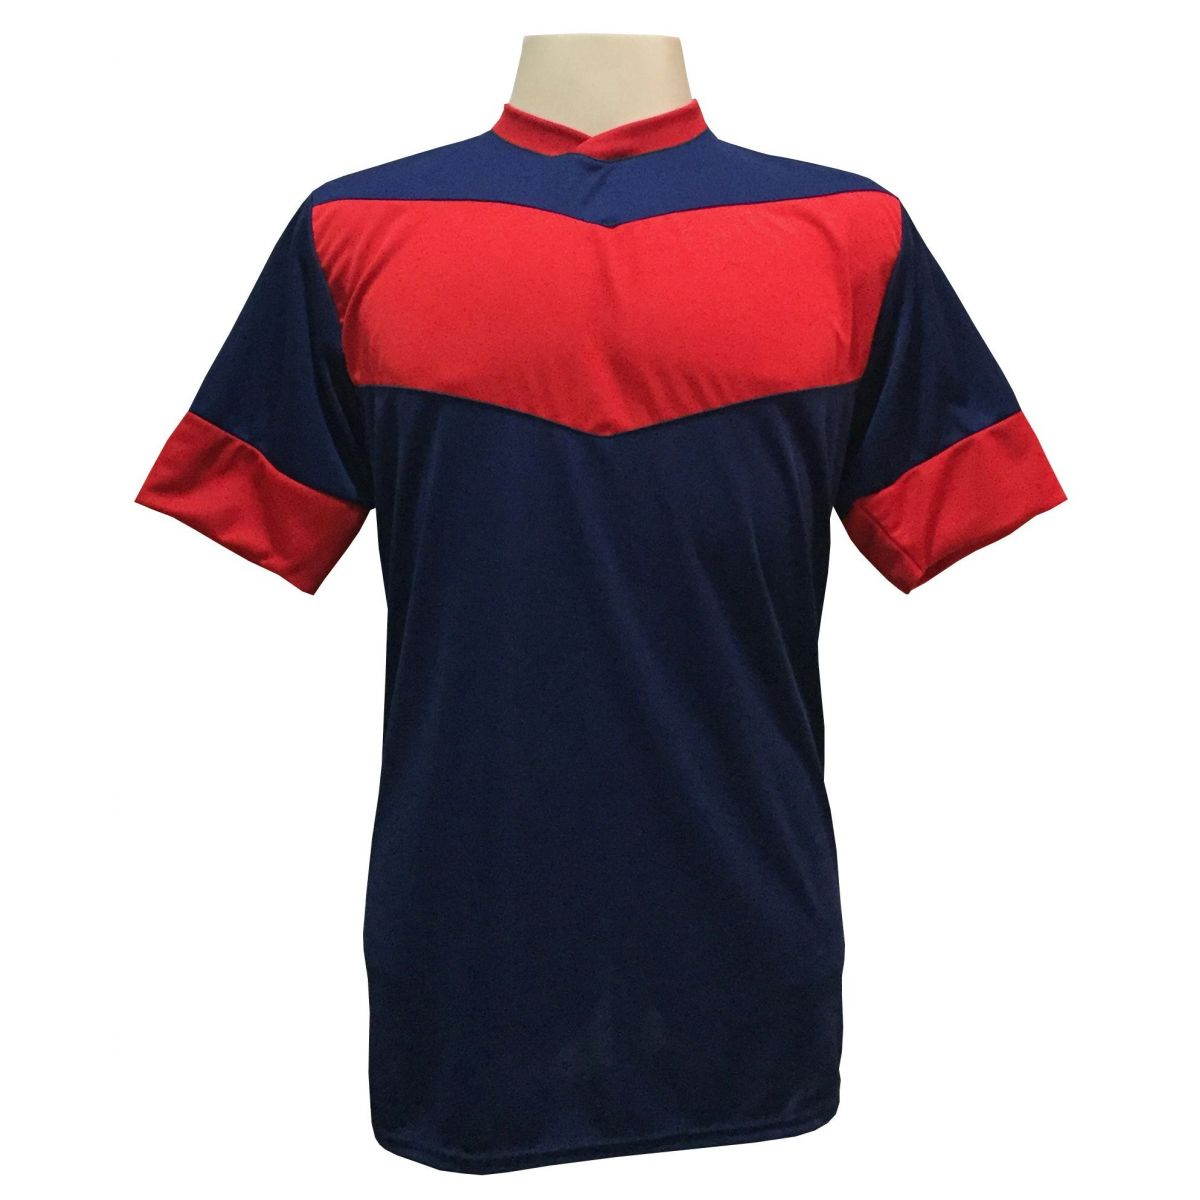 Jogo de Camisa com 18 unidades modelo Columbus Marinho Vermelho + 1 Goleiro  + Brindes d5ad24232302a